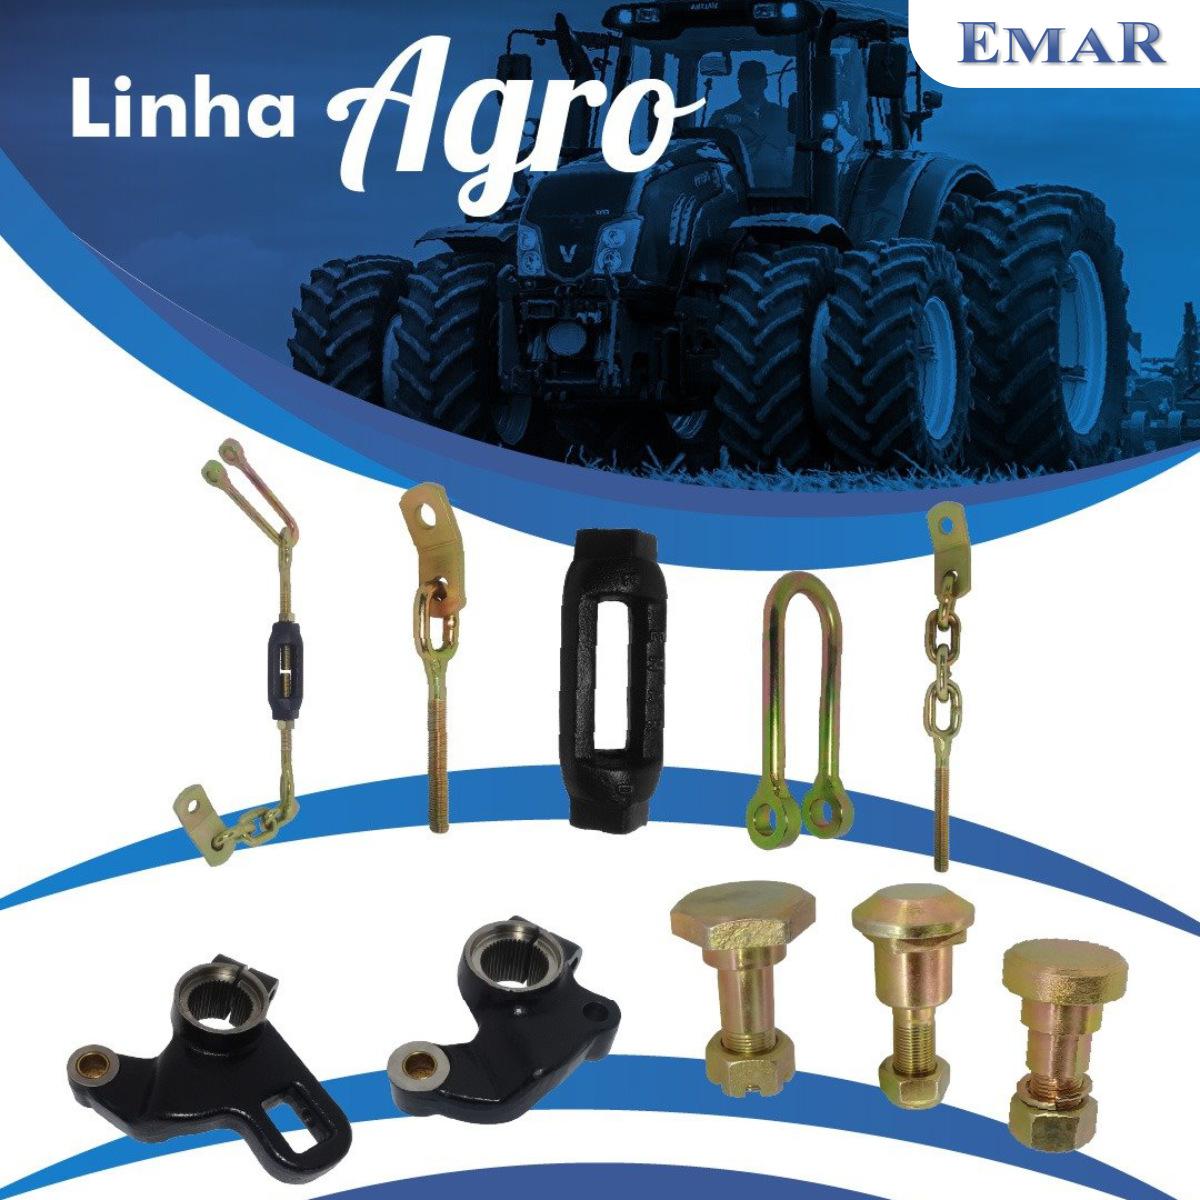 Pino do Braço do Levante Hidráulico - Cabeça Retangular - Linha Agrícola